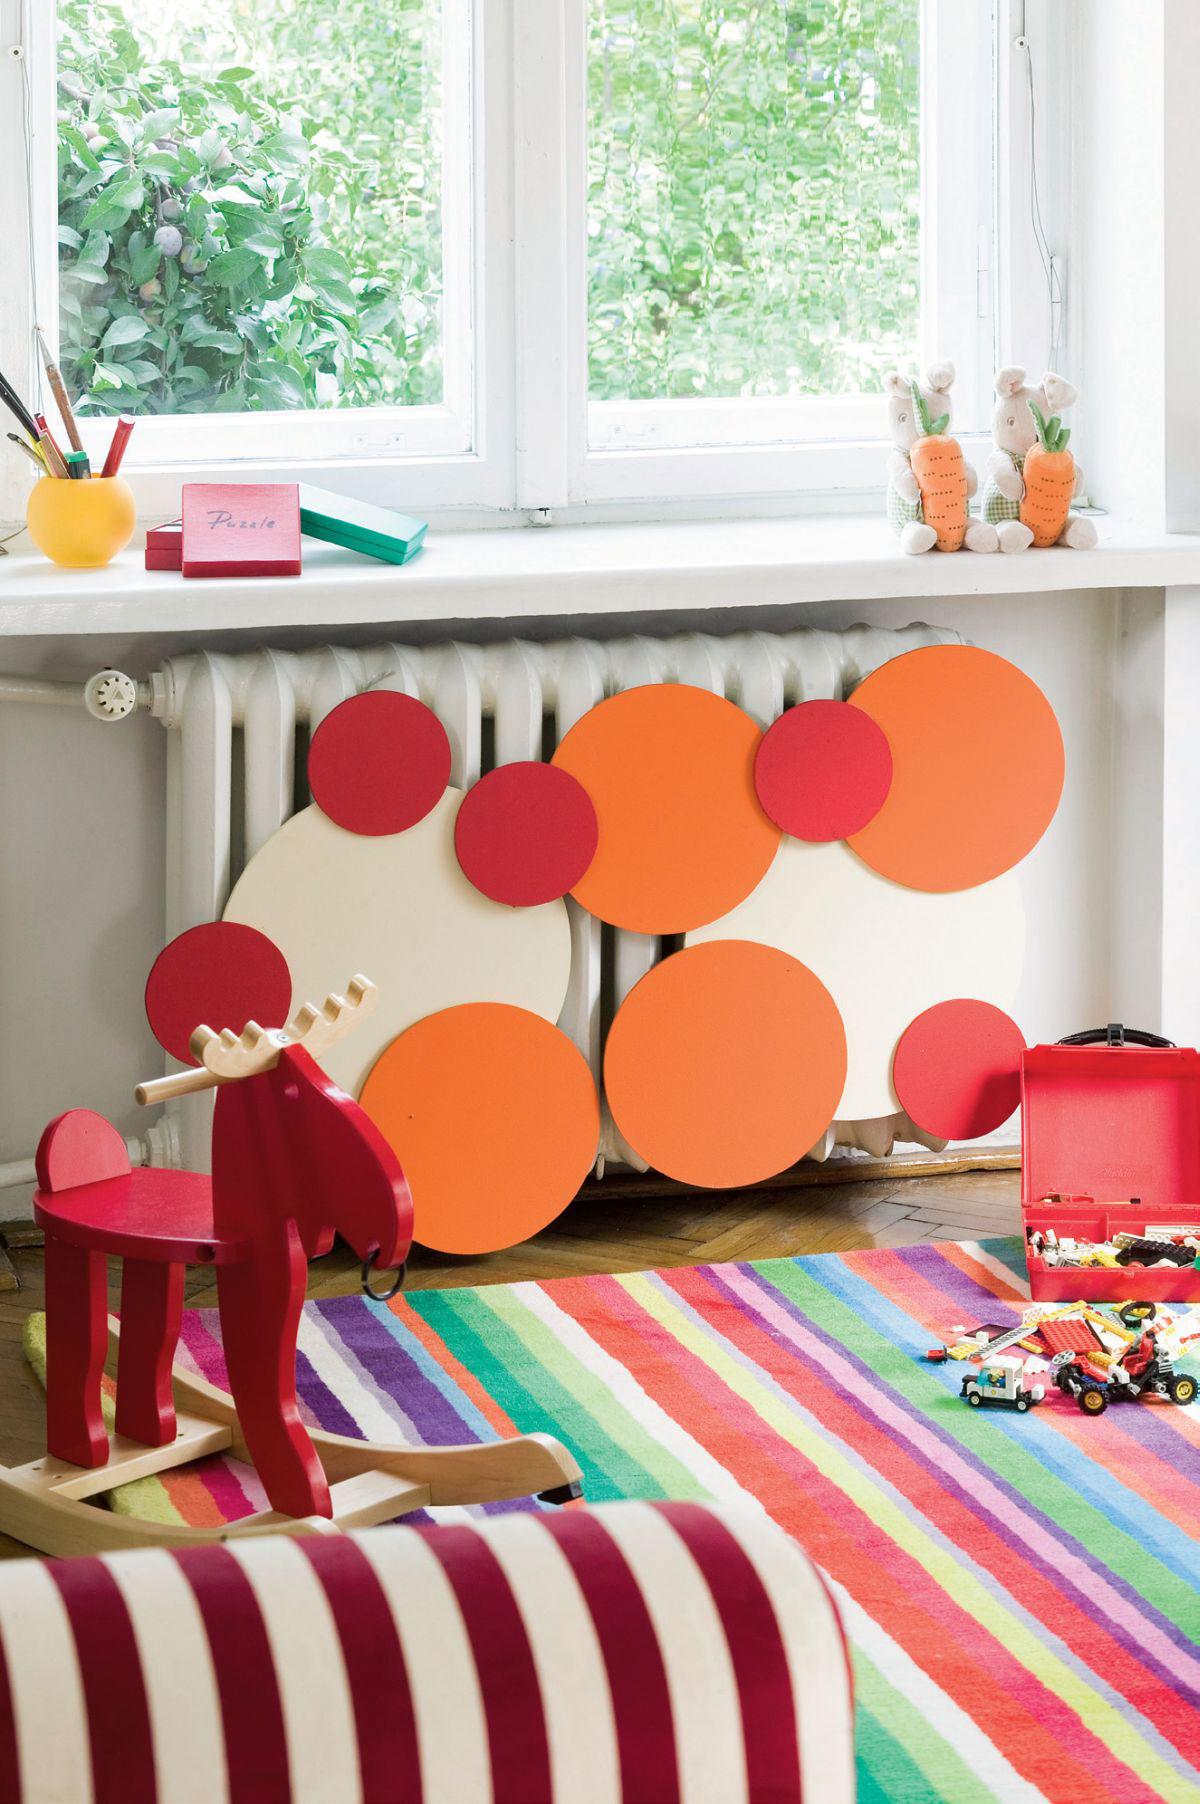 Wieloczęściowa, kolorowa osłona grzejnikowa do pokoju dziecięcego